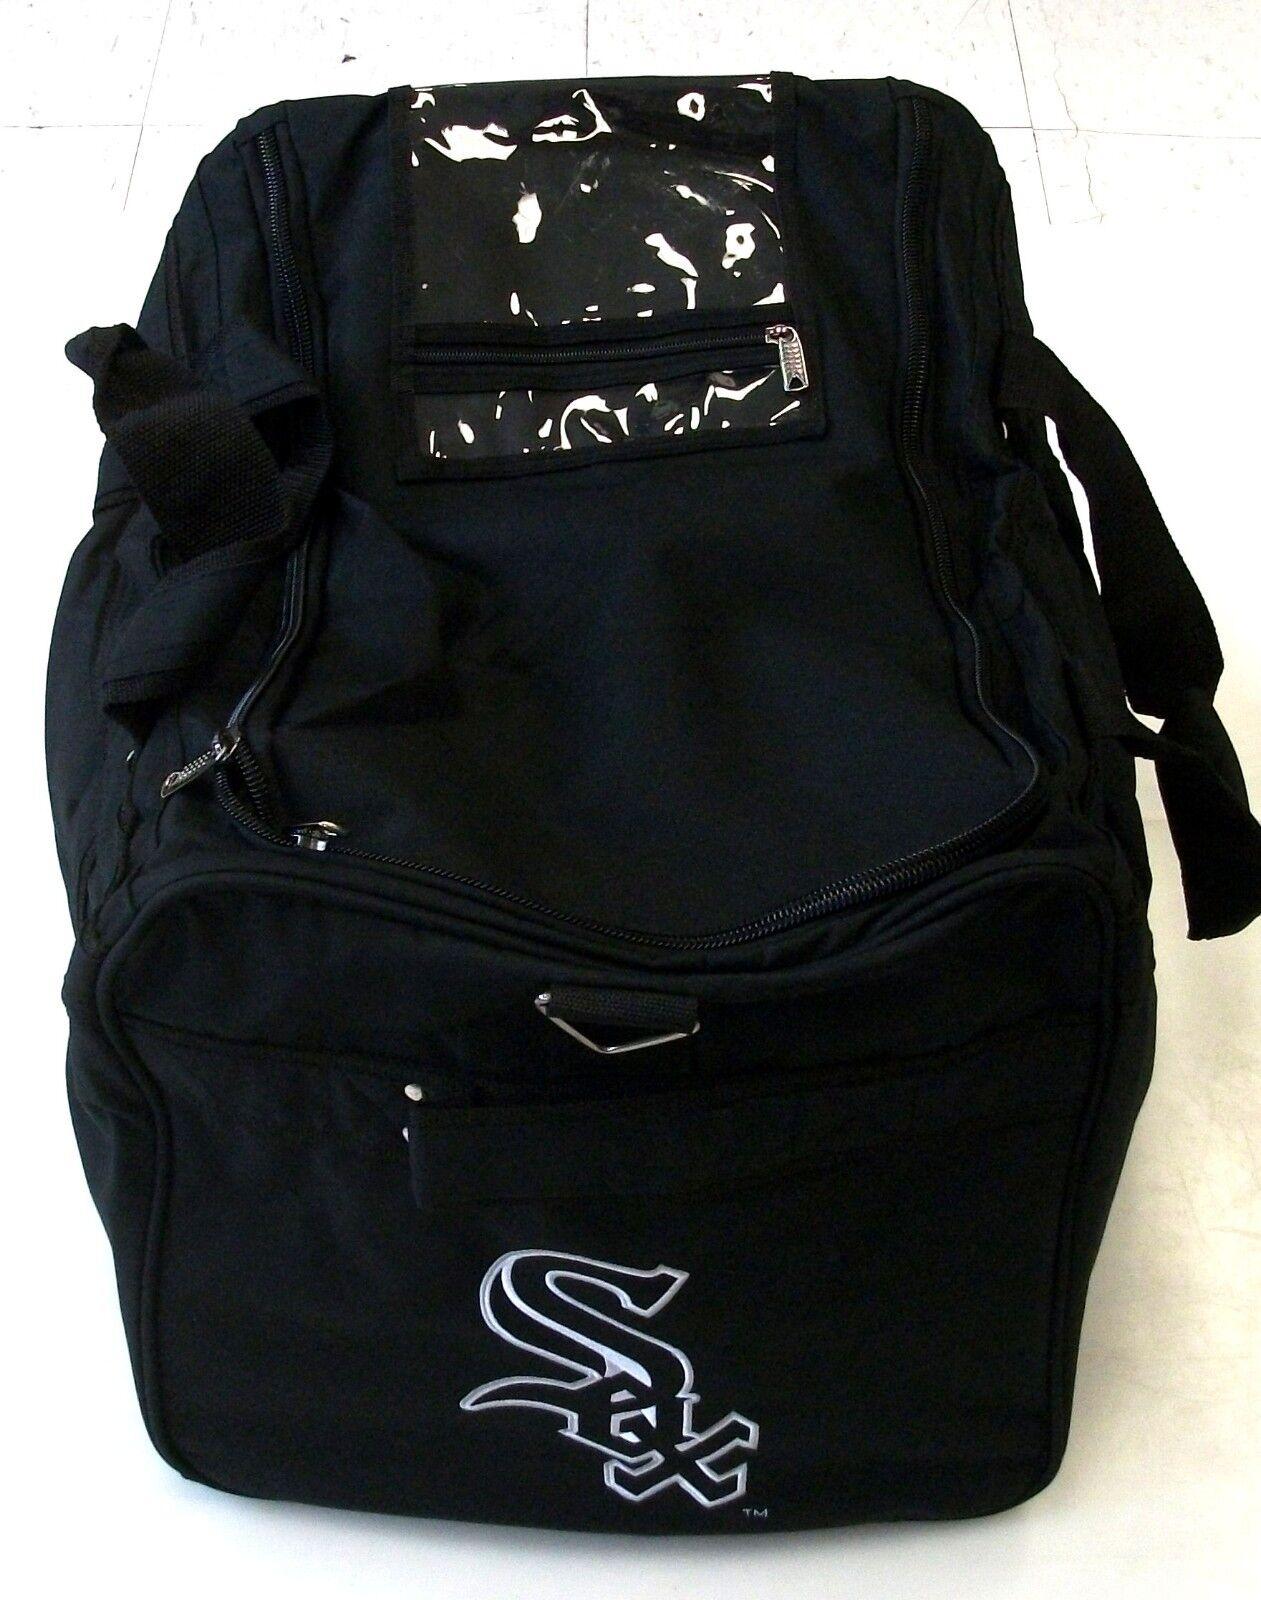 Nuevo Pro Return Bolsa de béisbol Blanco Sox De Chicago Equipo Duffel entrenadores Equipo Chicago Negro ecaebf